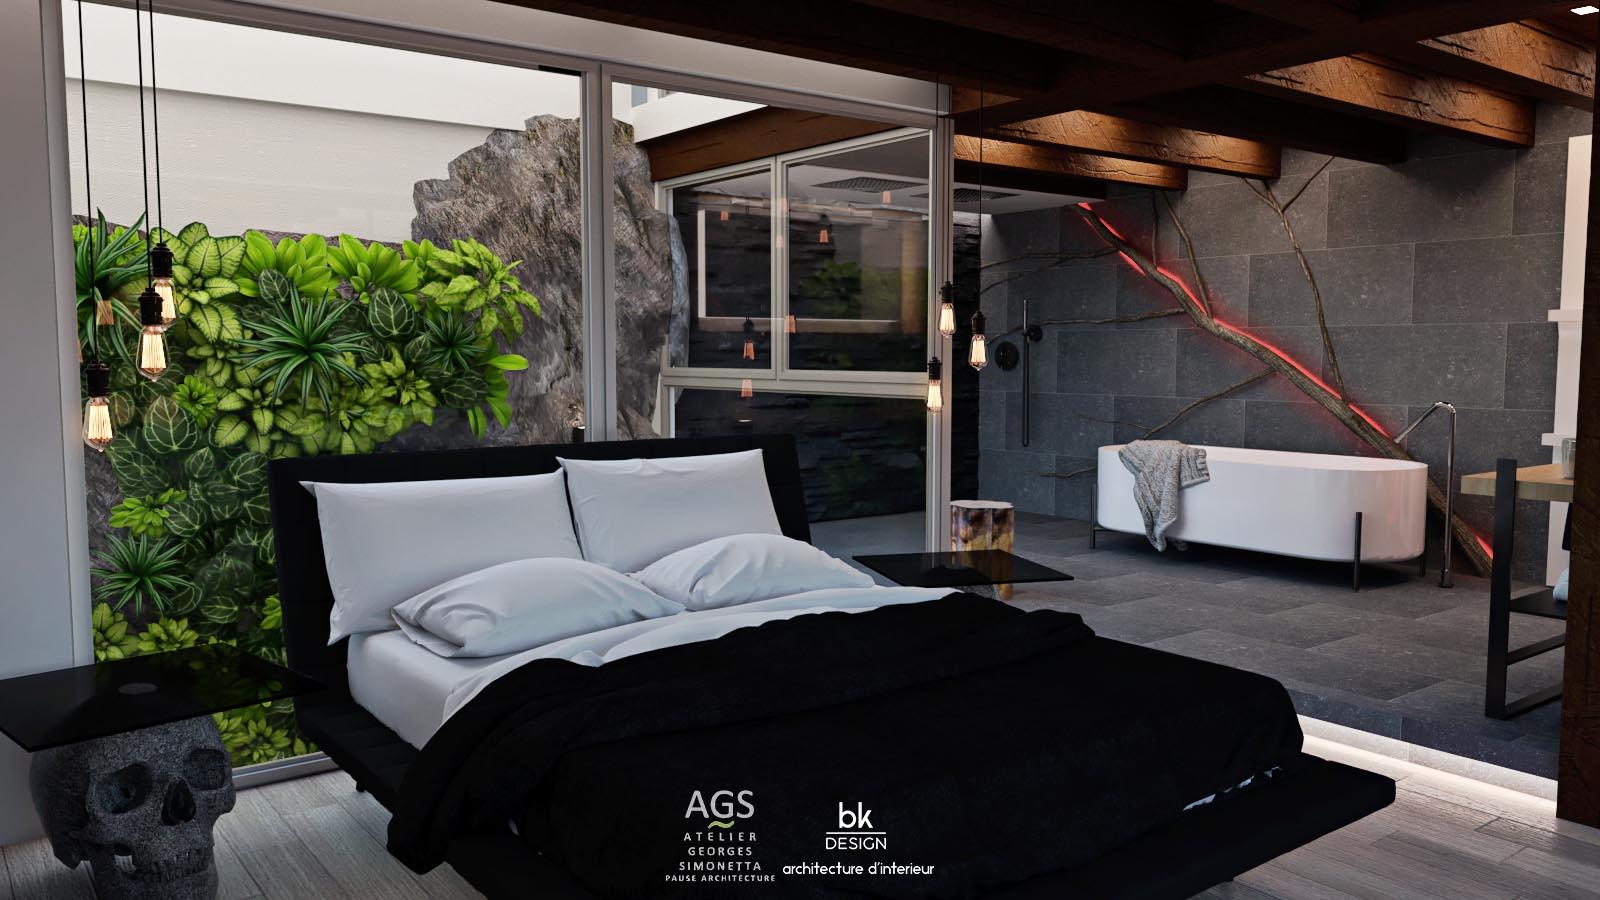 38 bk Design Projet Nancy Loft Kyou v305